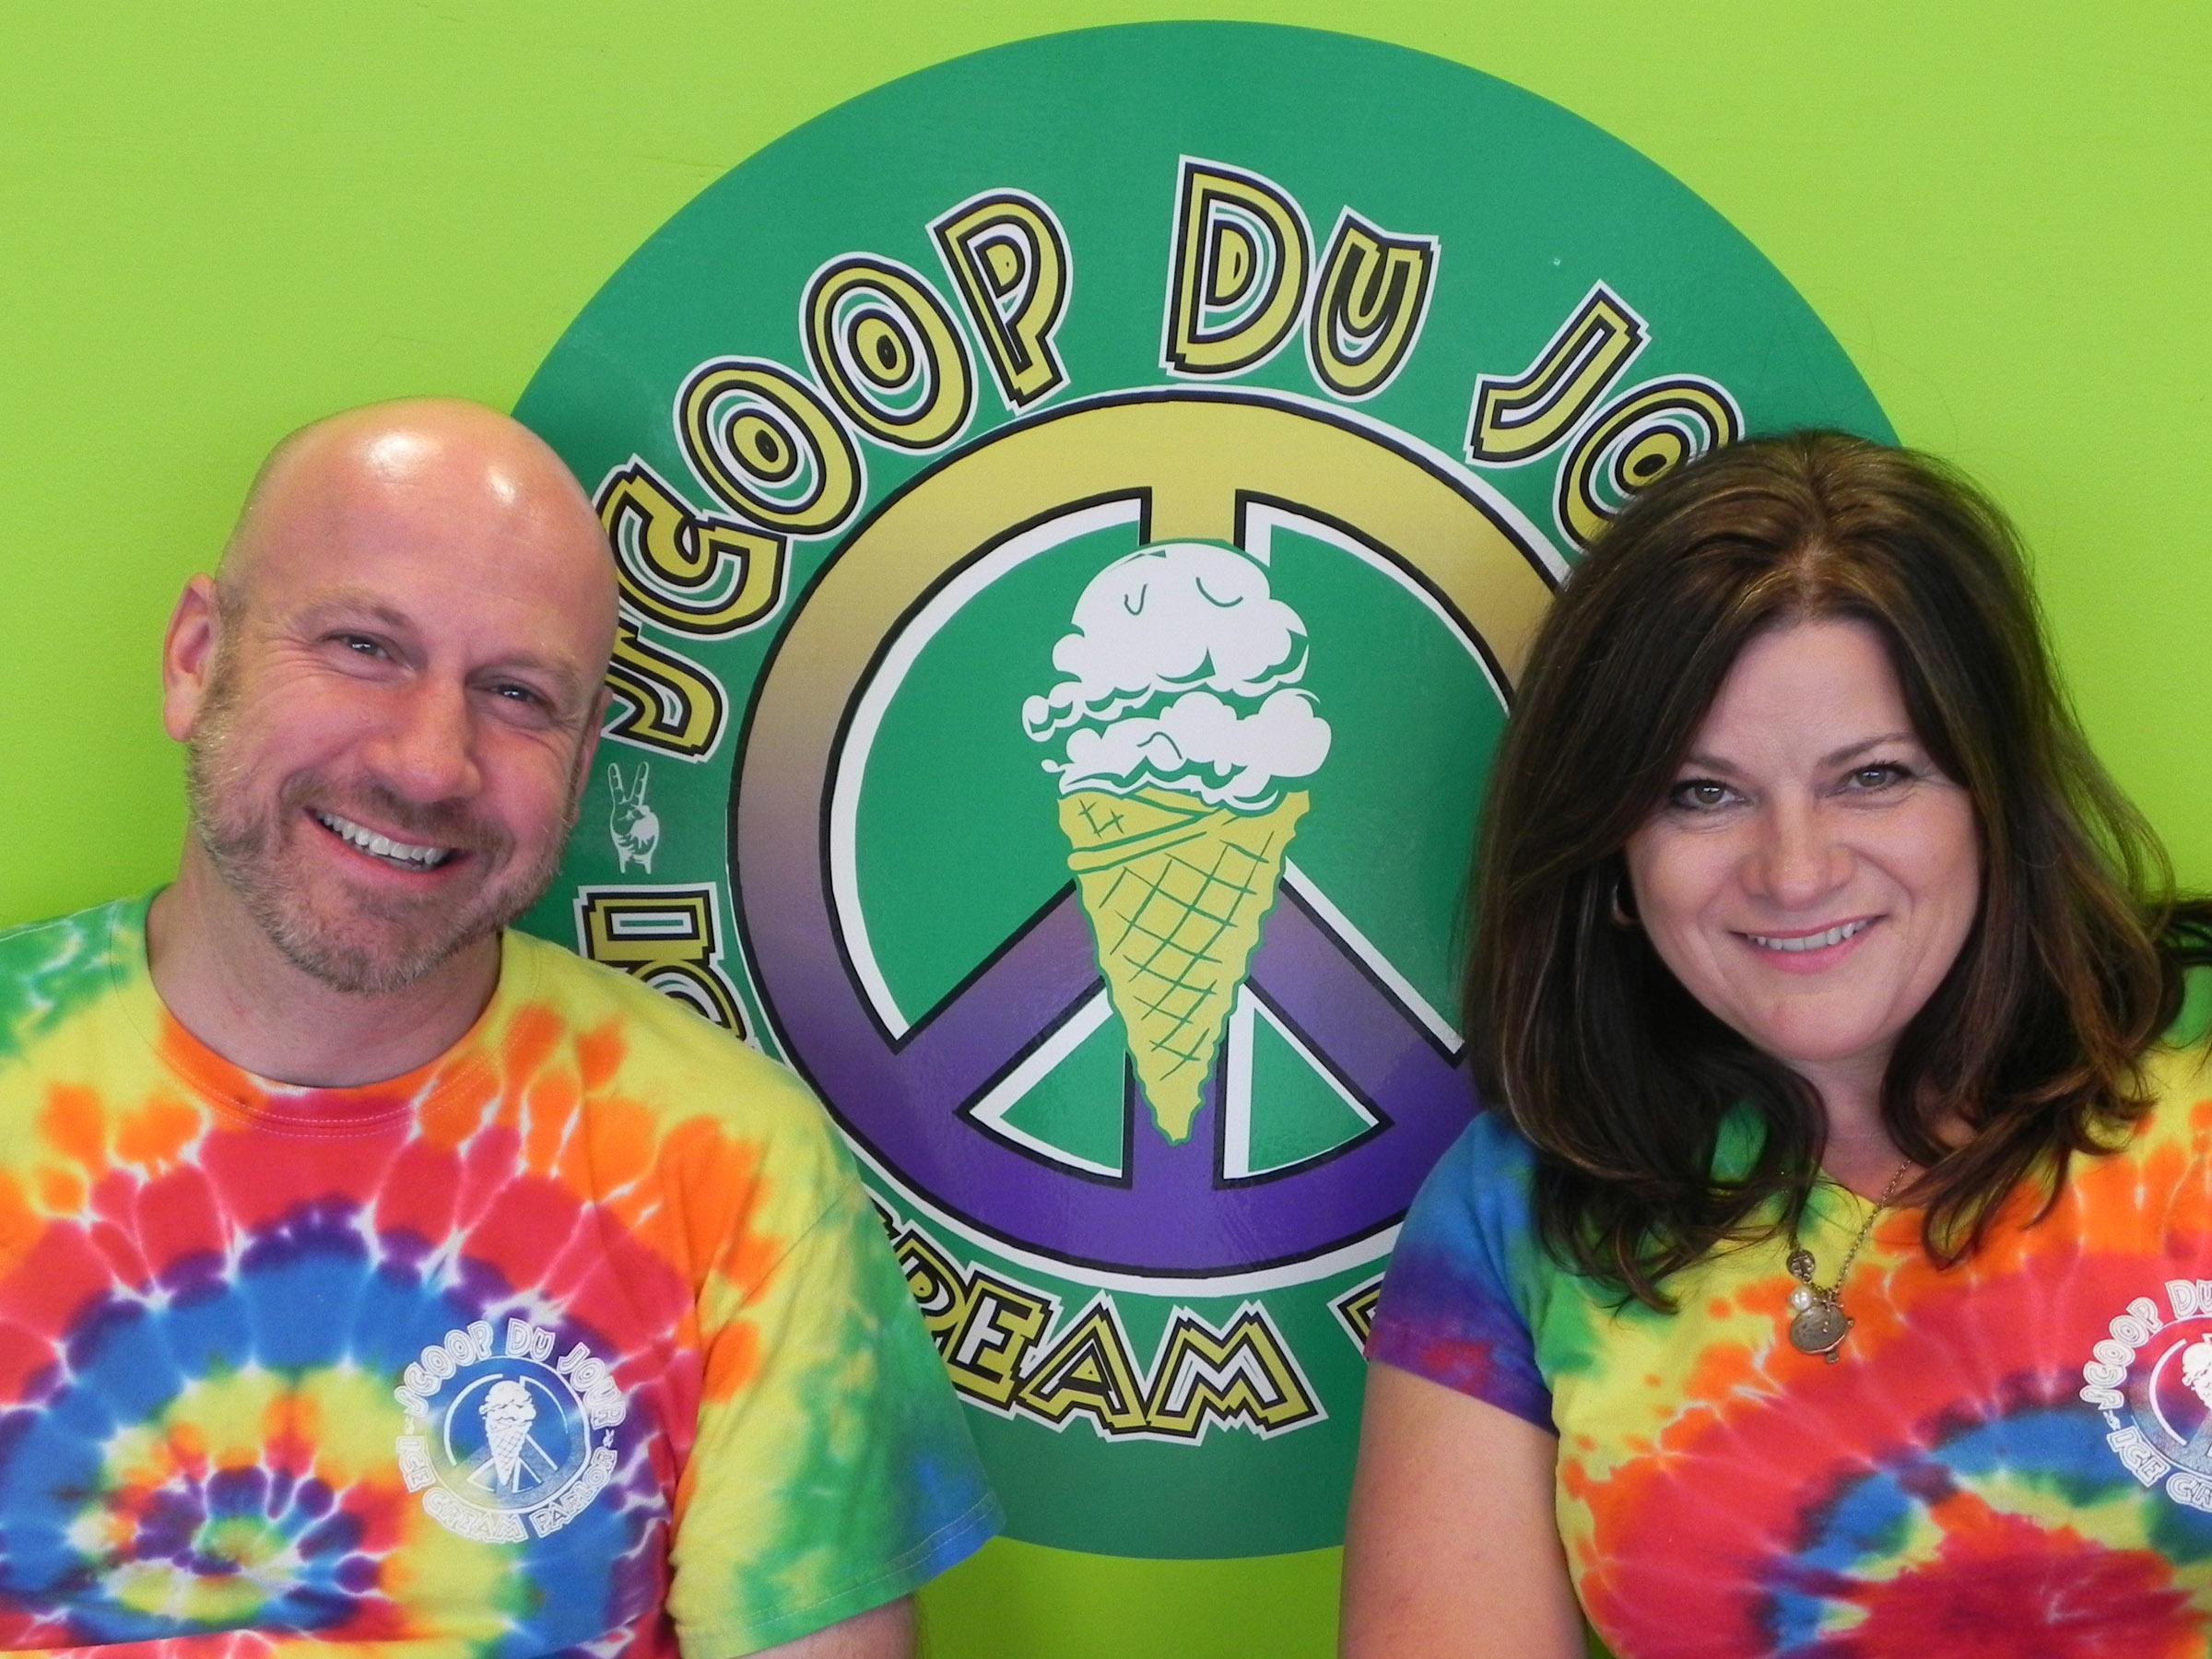 Scoop Du Jour - Ice Cream Parlor